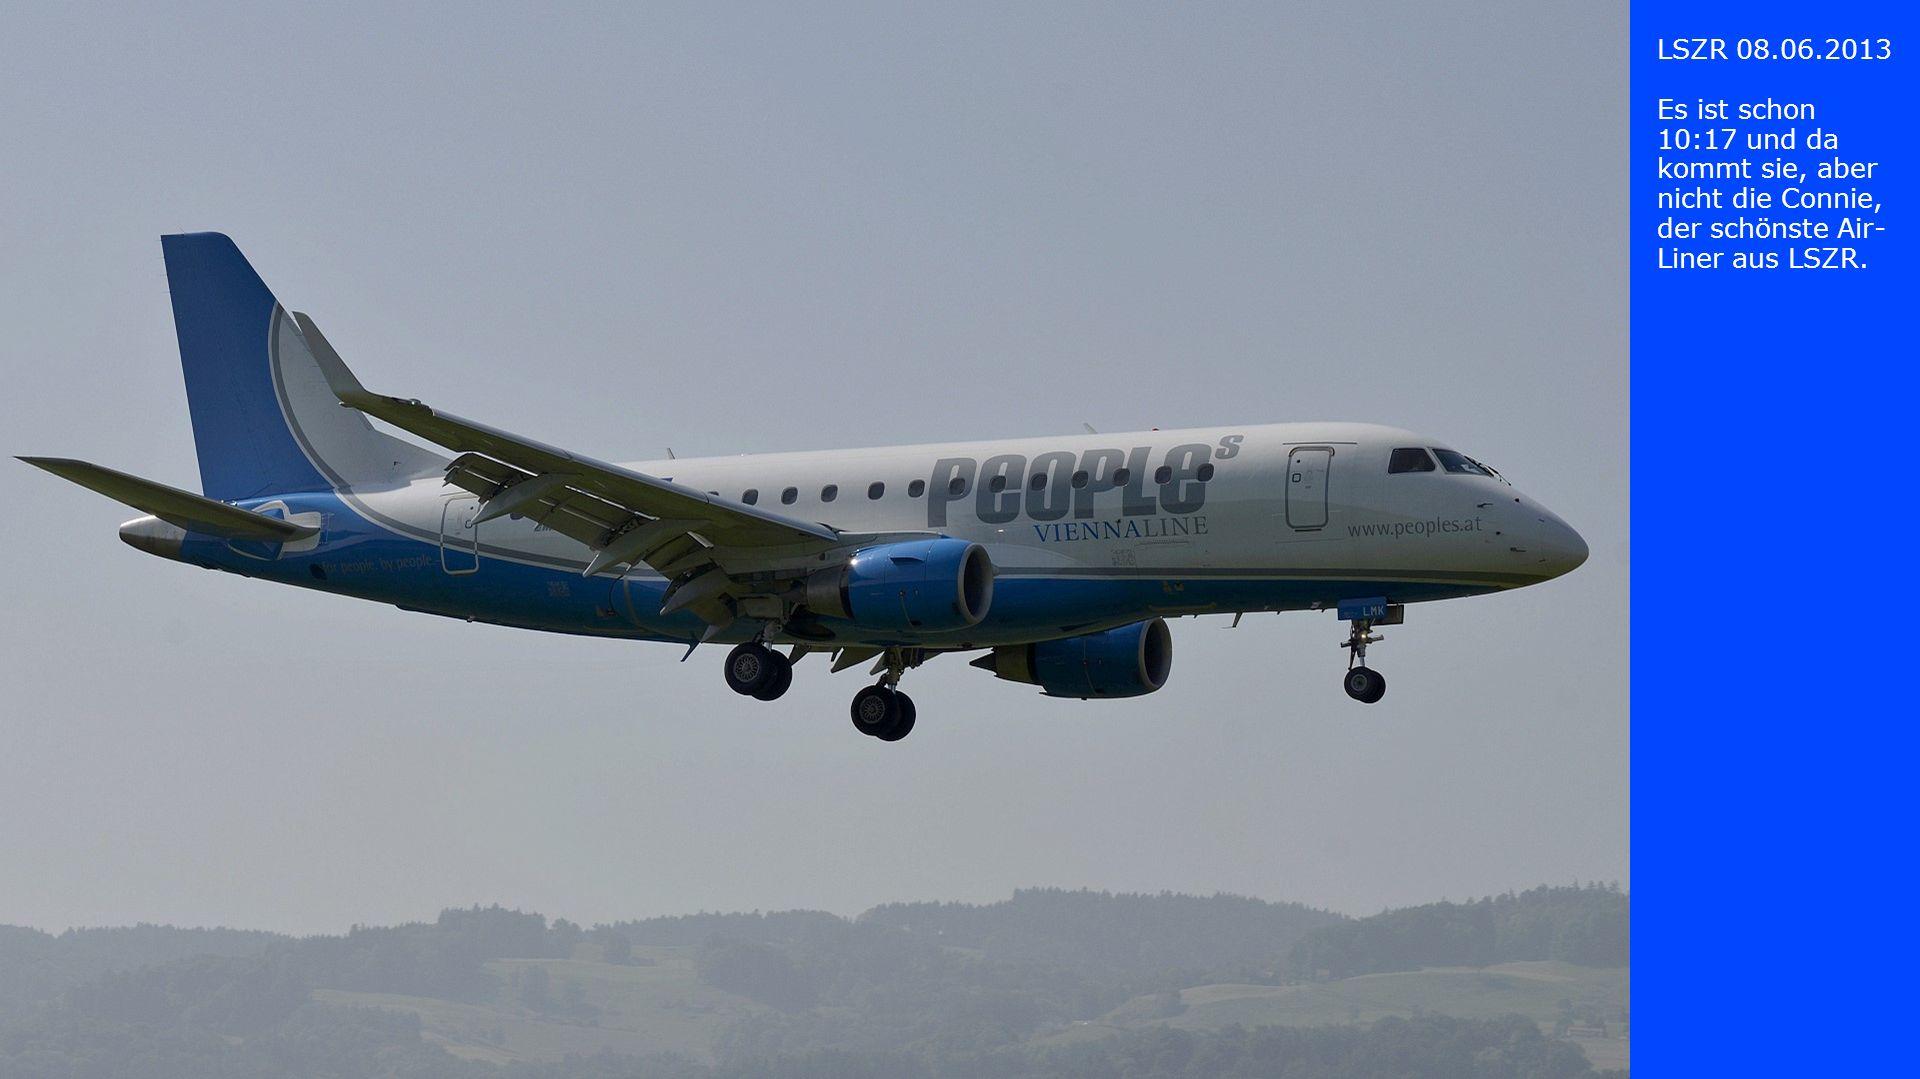 LSZR 08.06.2013 Es ist schon 10:17 und da kommt sie, aber nicht die Connie, der schönste Air-Liner aus LSZR.